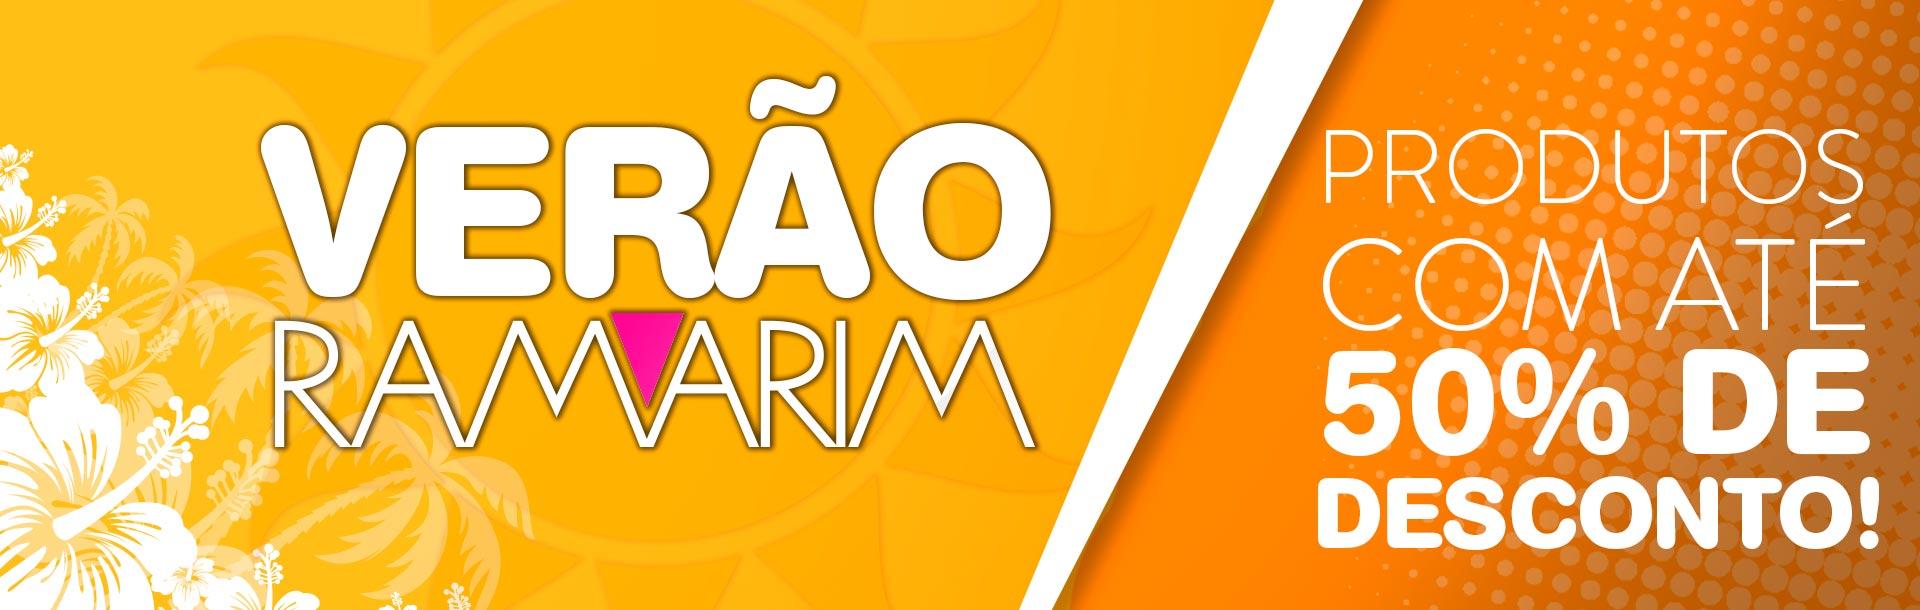 F - E Ver�o RAMARIM 25/08